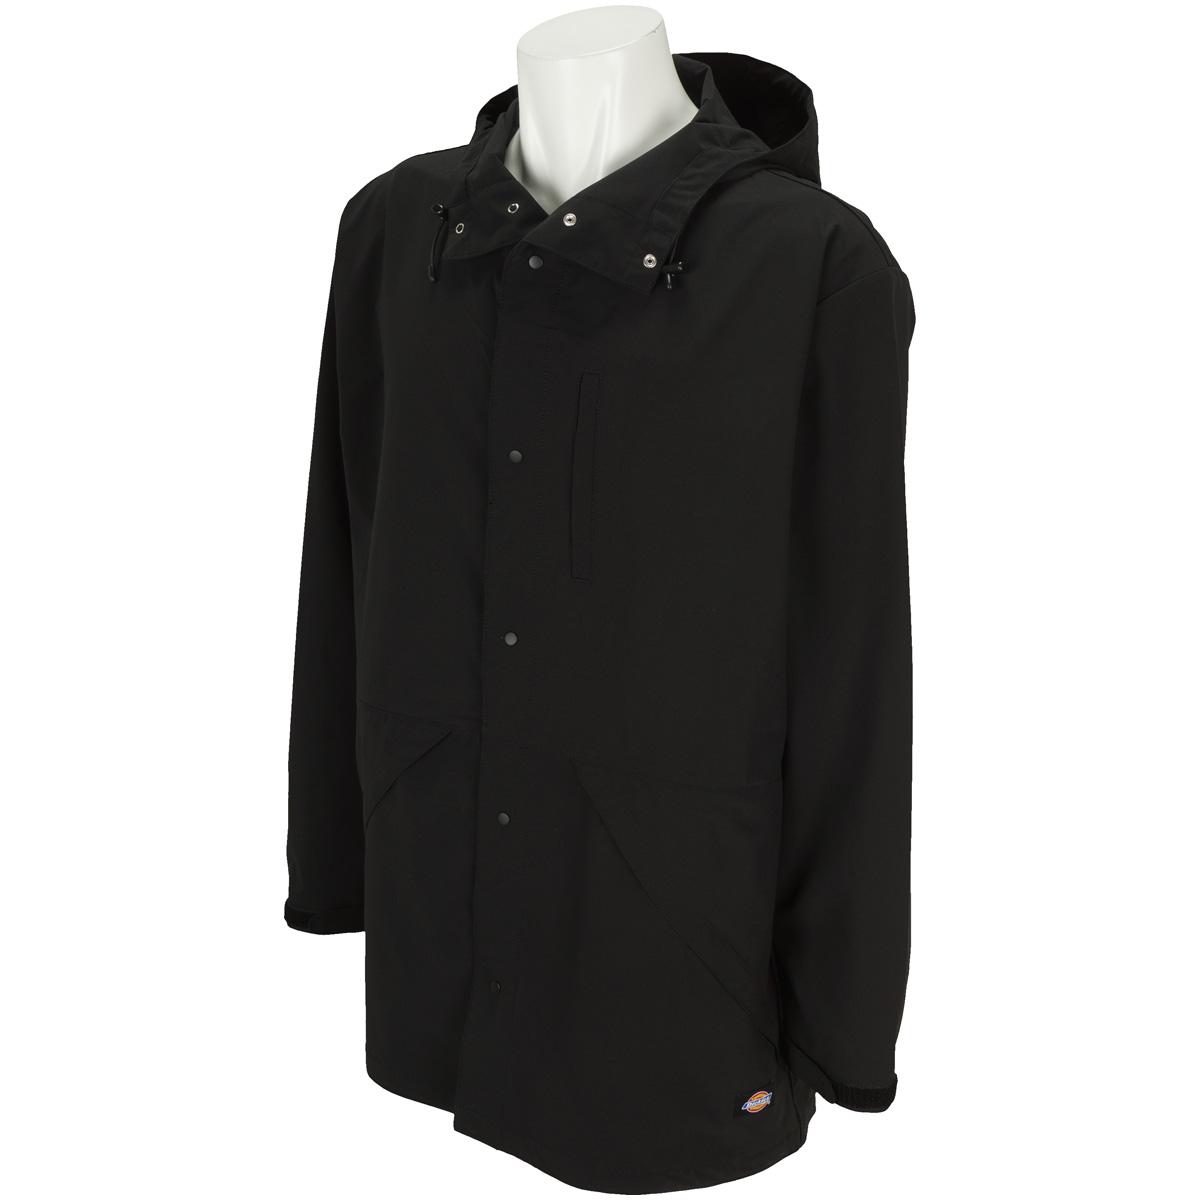 2WAY SOLOTEX(R) リラックスフィットフードジャケット